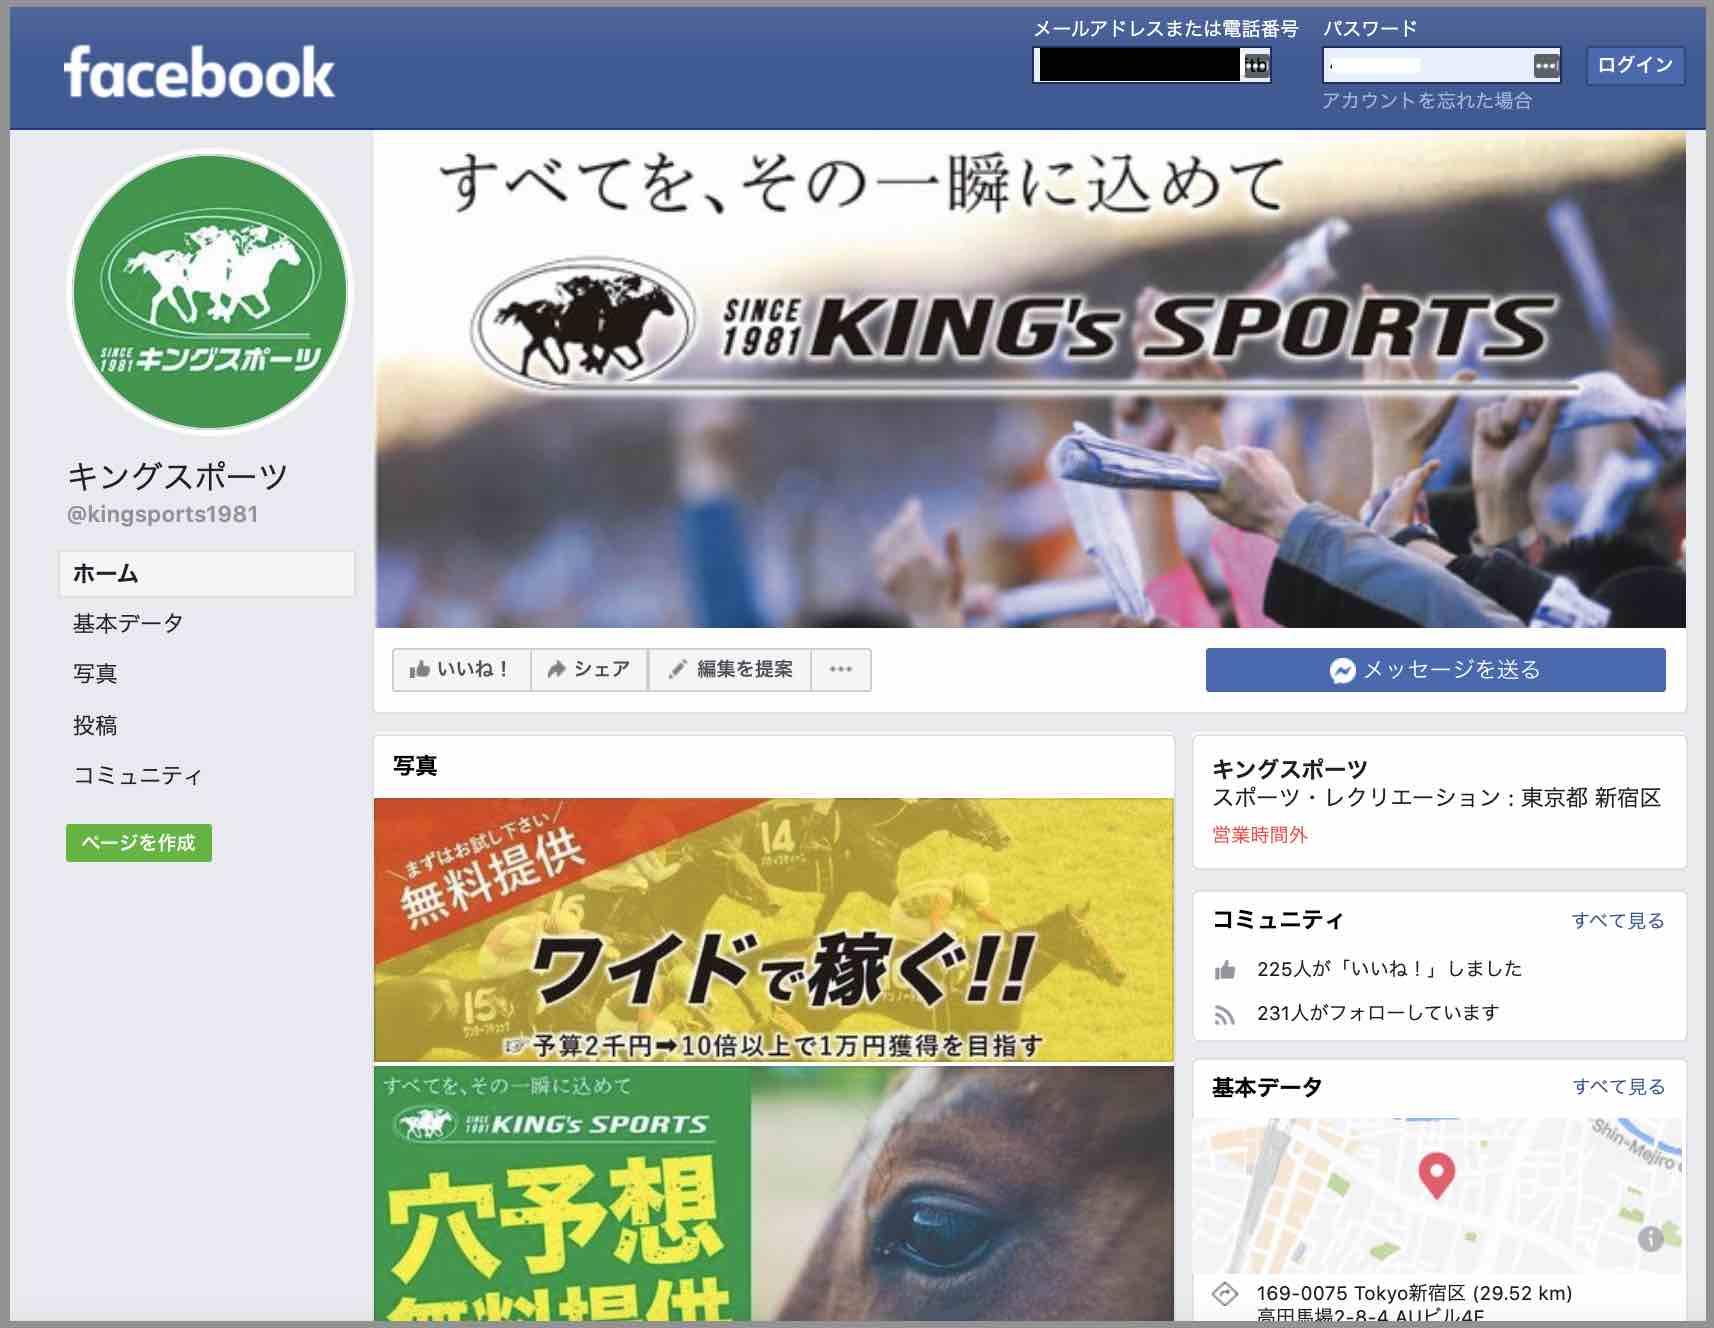 キングスポーツという競馬予想サイトのフェイスブック